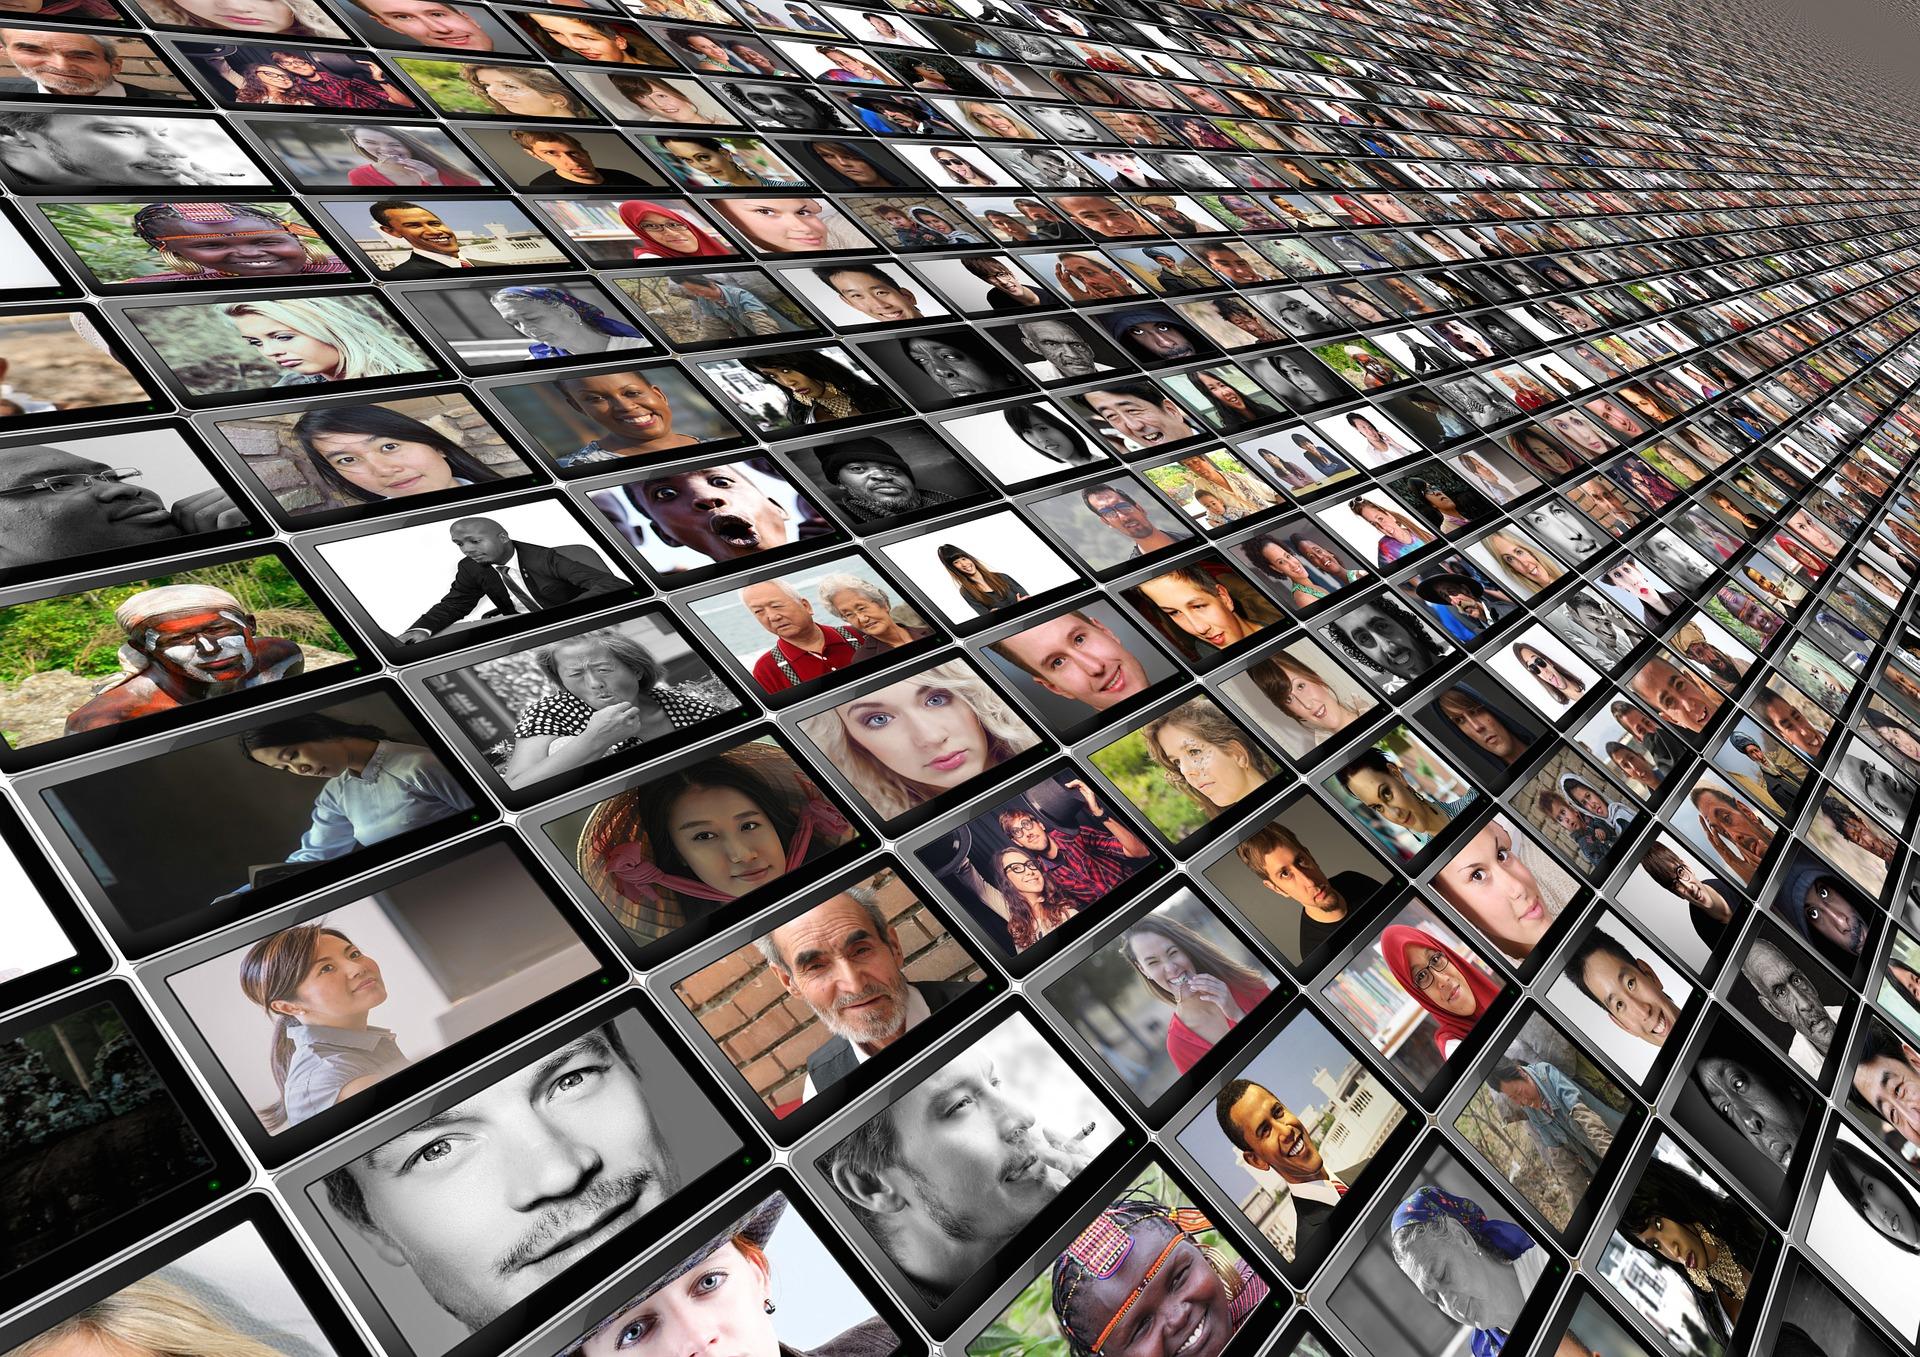 Viele kleine Bildschirme mit Portraitbildern verschiedener Menschen darauf.